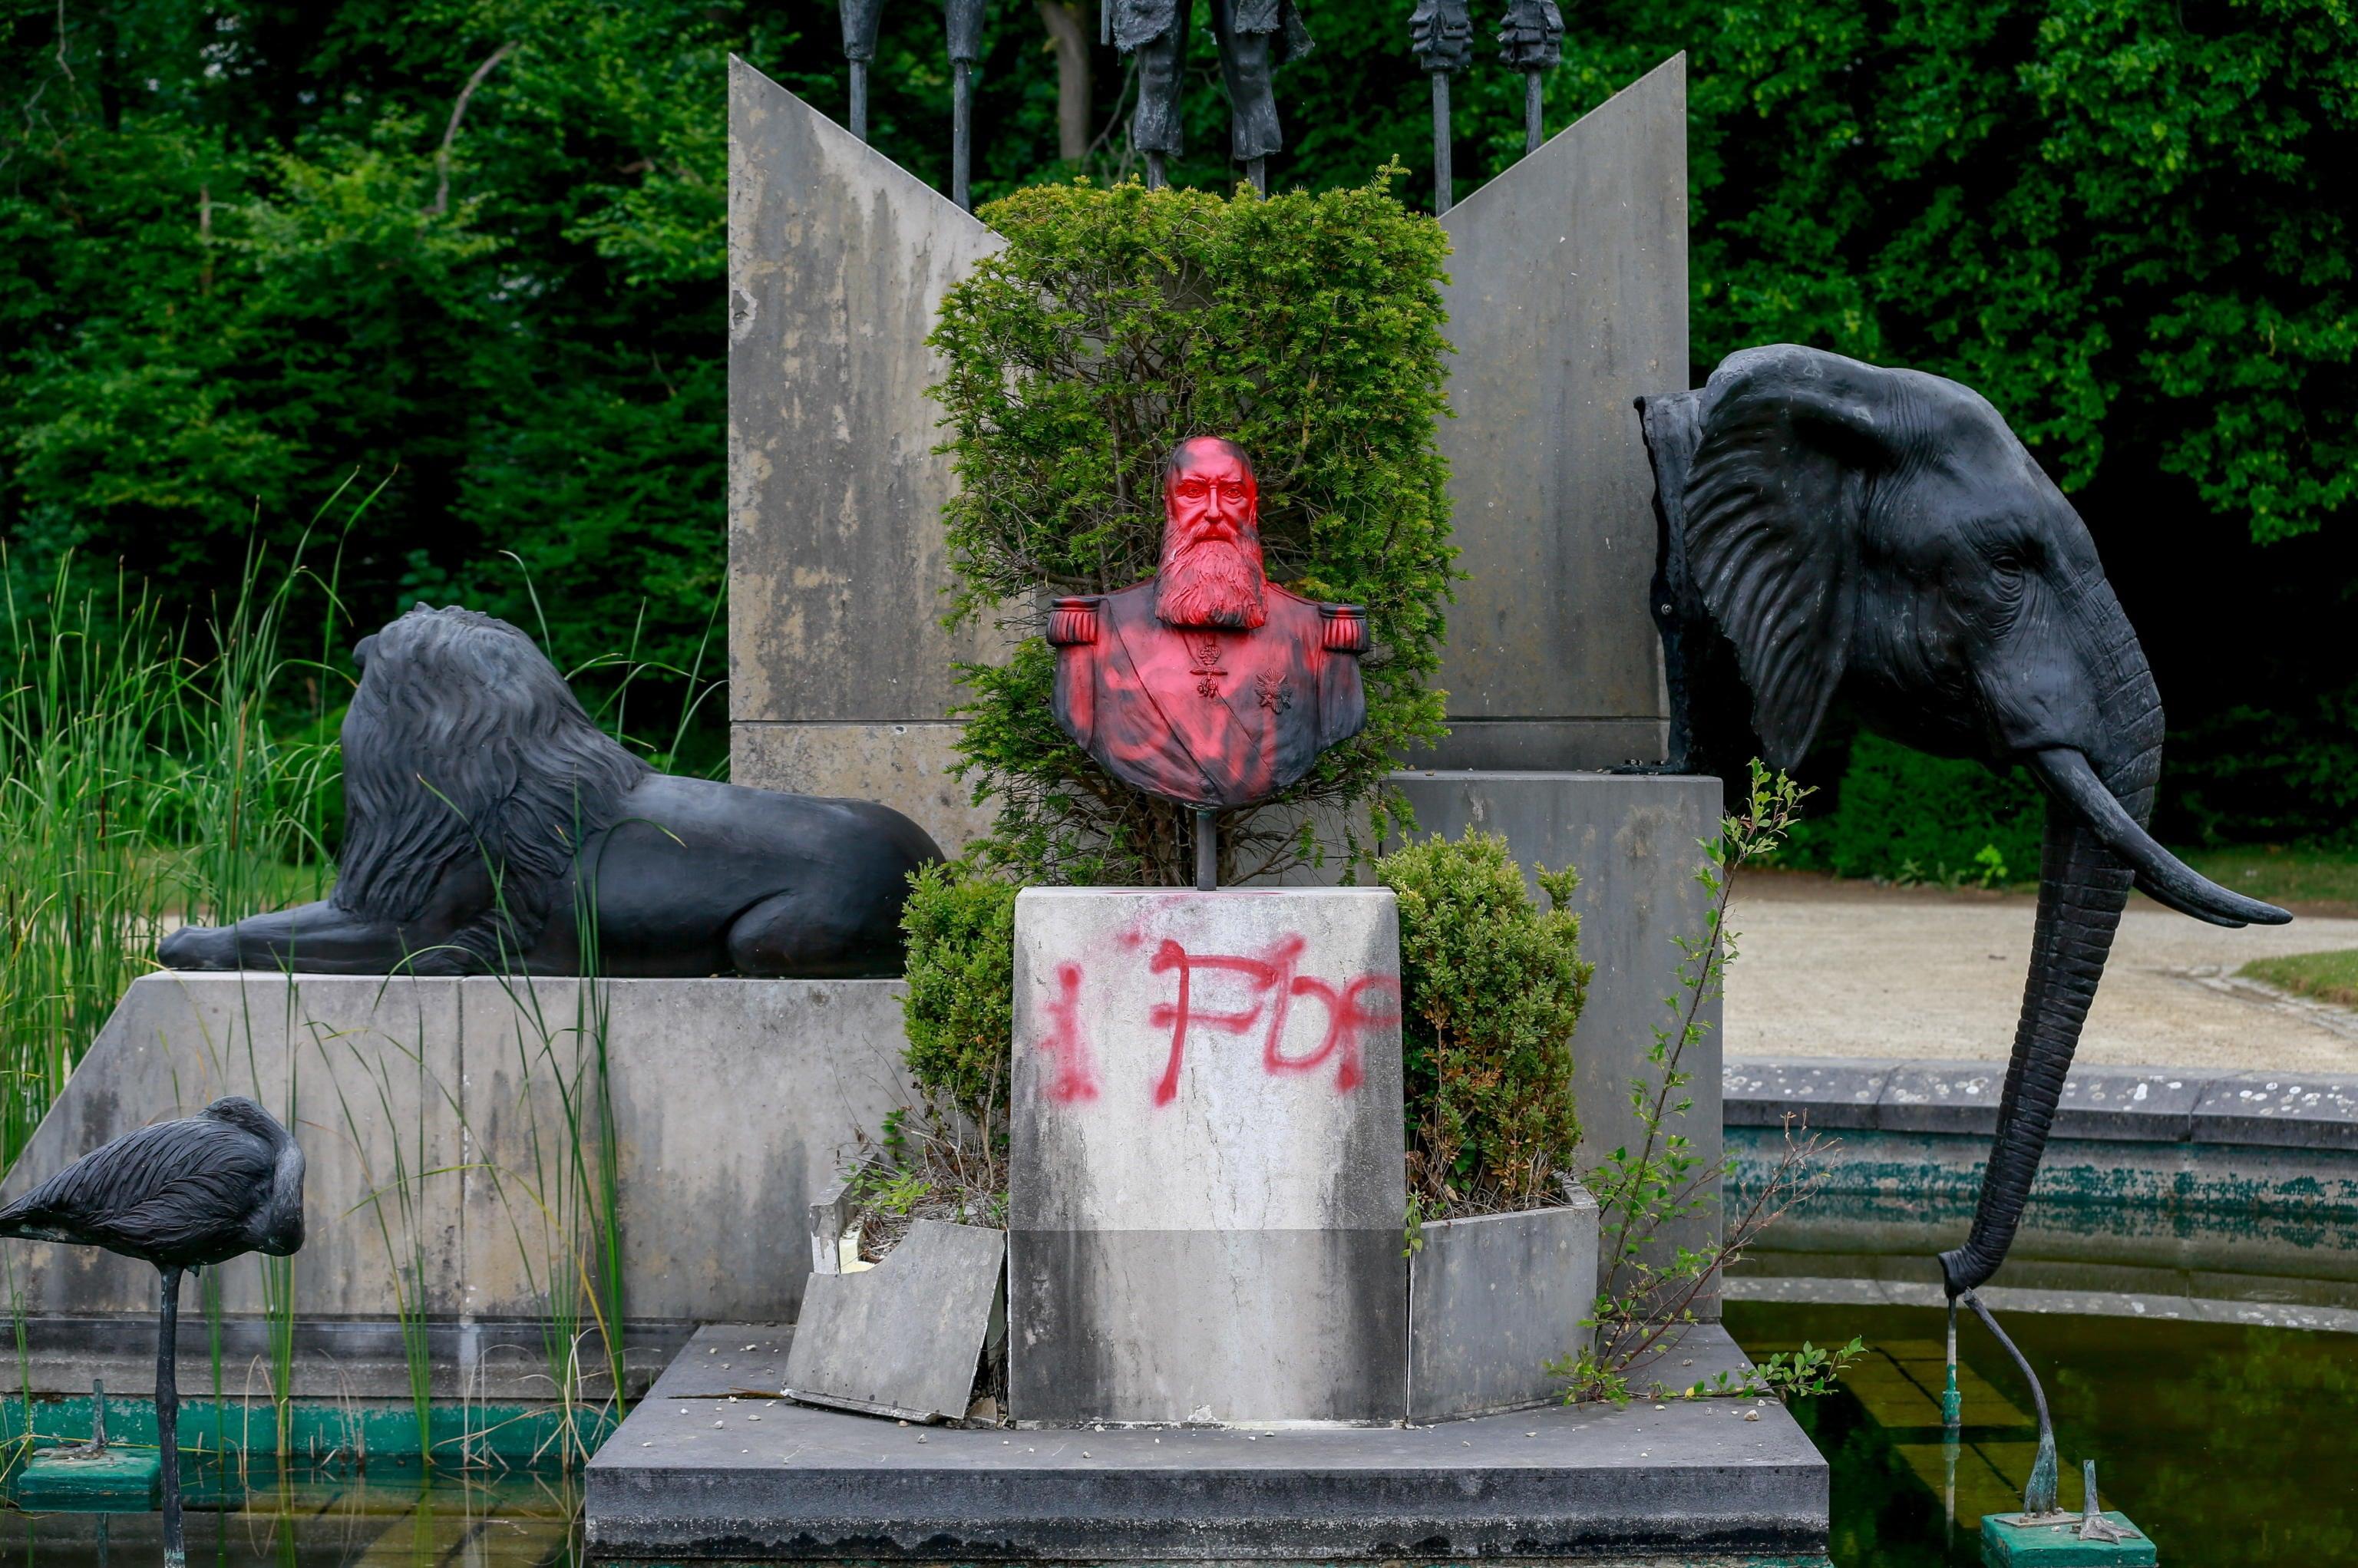 La Statua di Leopoldo imbrattata con lo spray